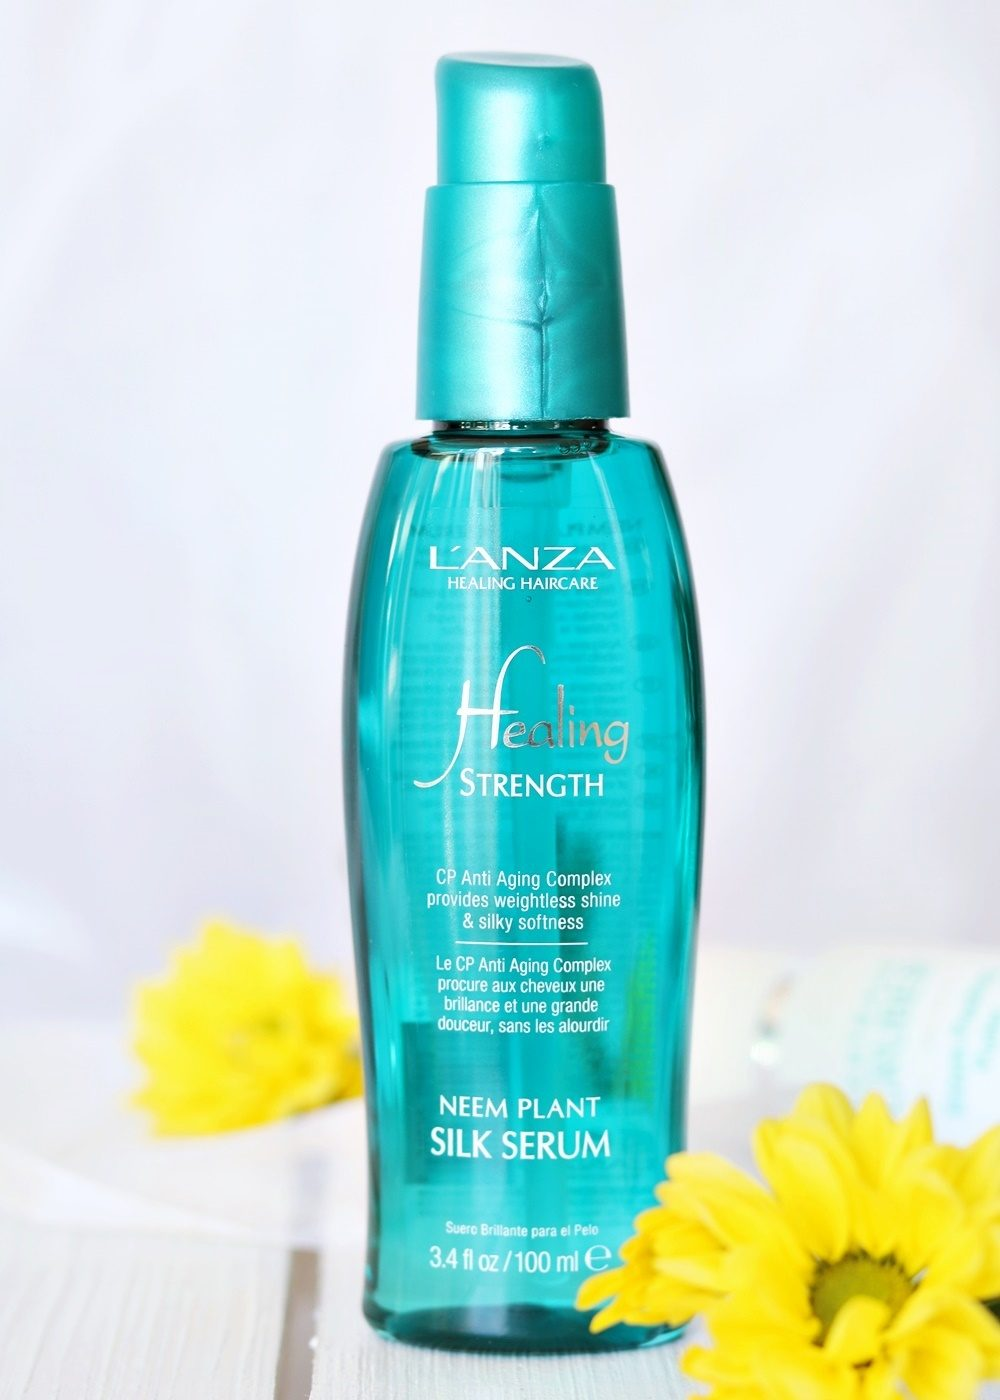 Beautypress Box August 2016 Lanza Haircare Healing Strength Silk Serum